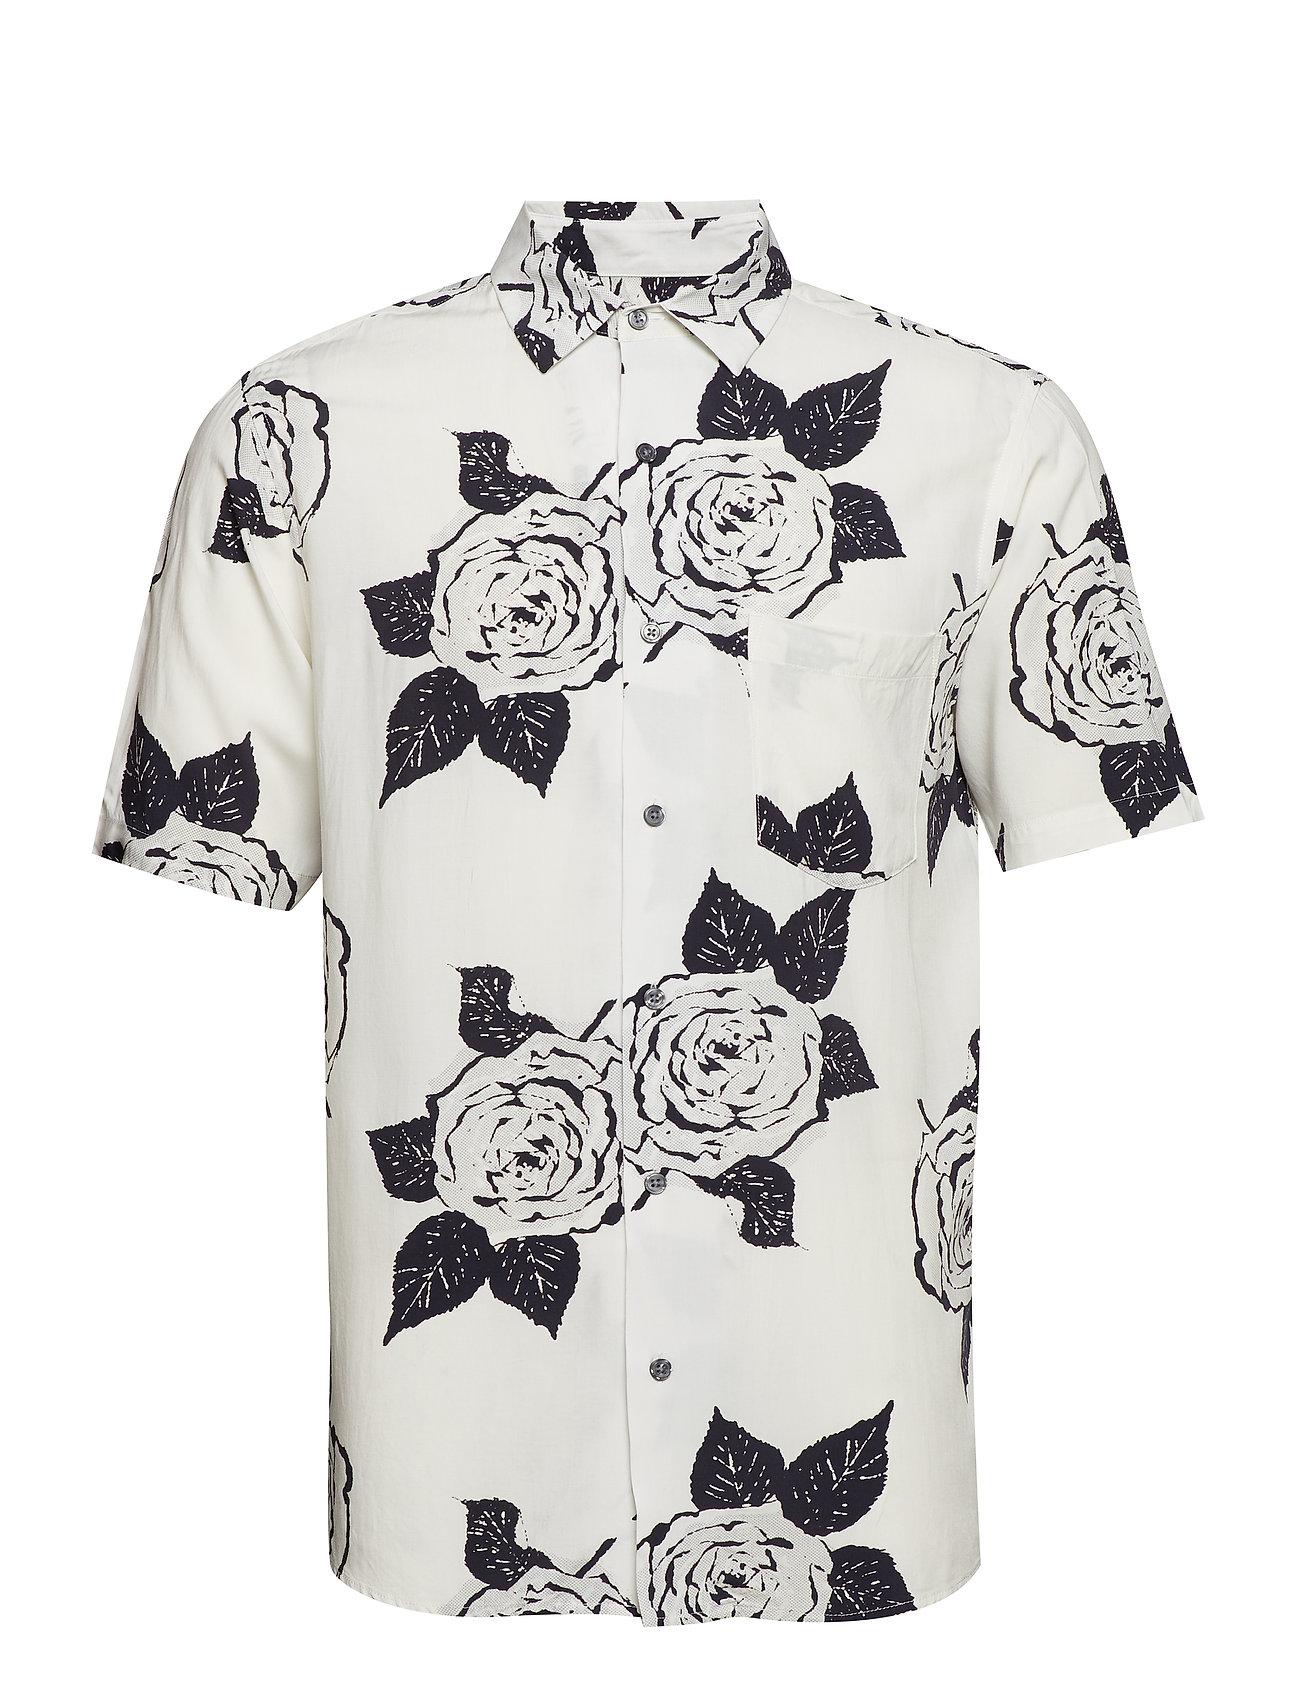 NEUW Rose S/S Shirt - WHITE